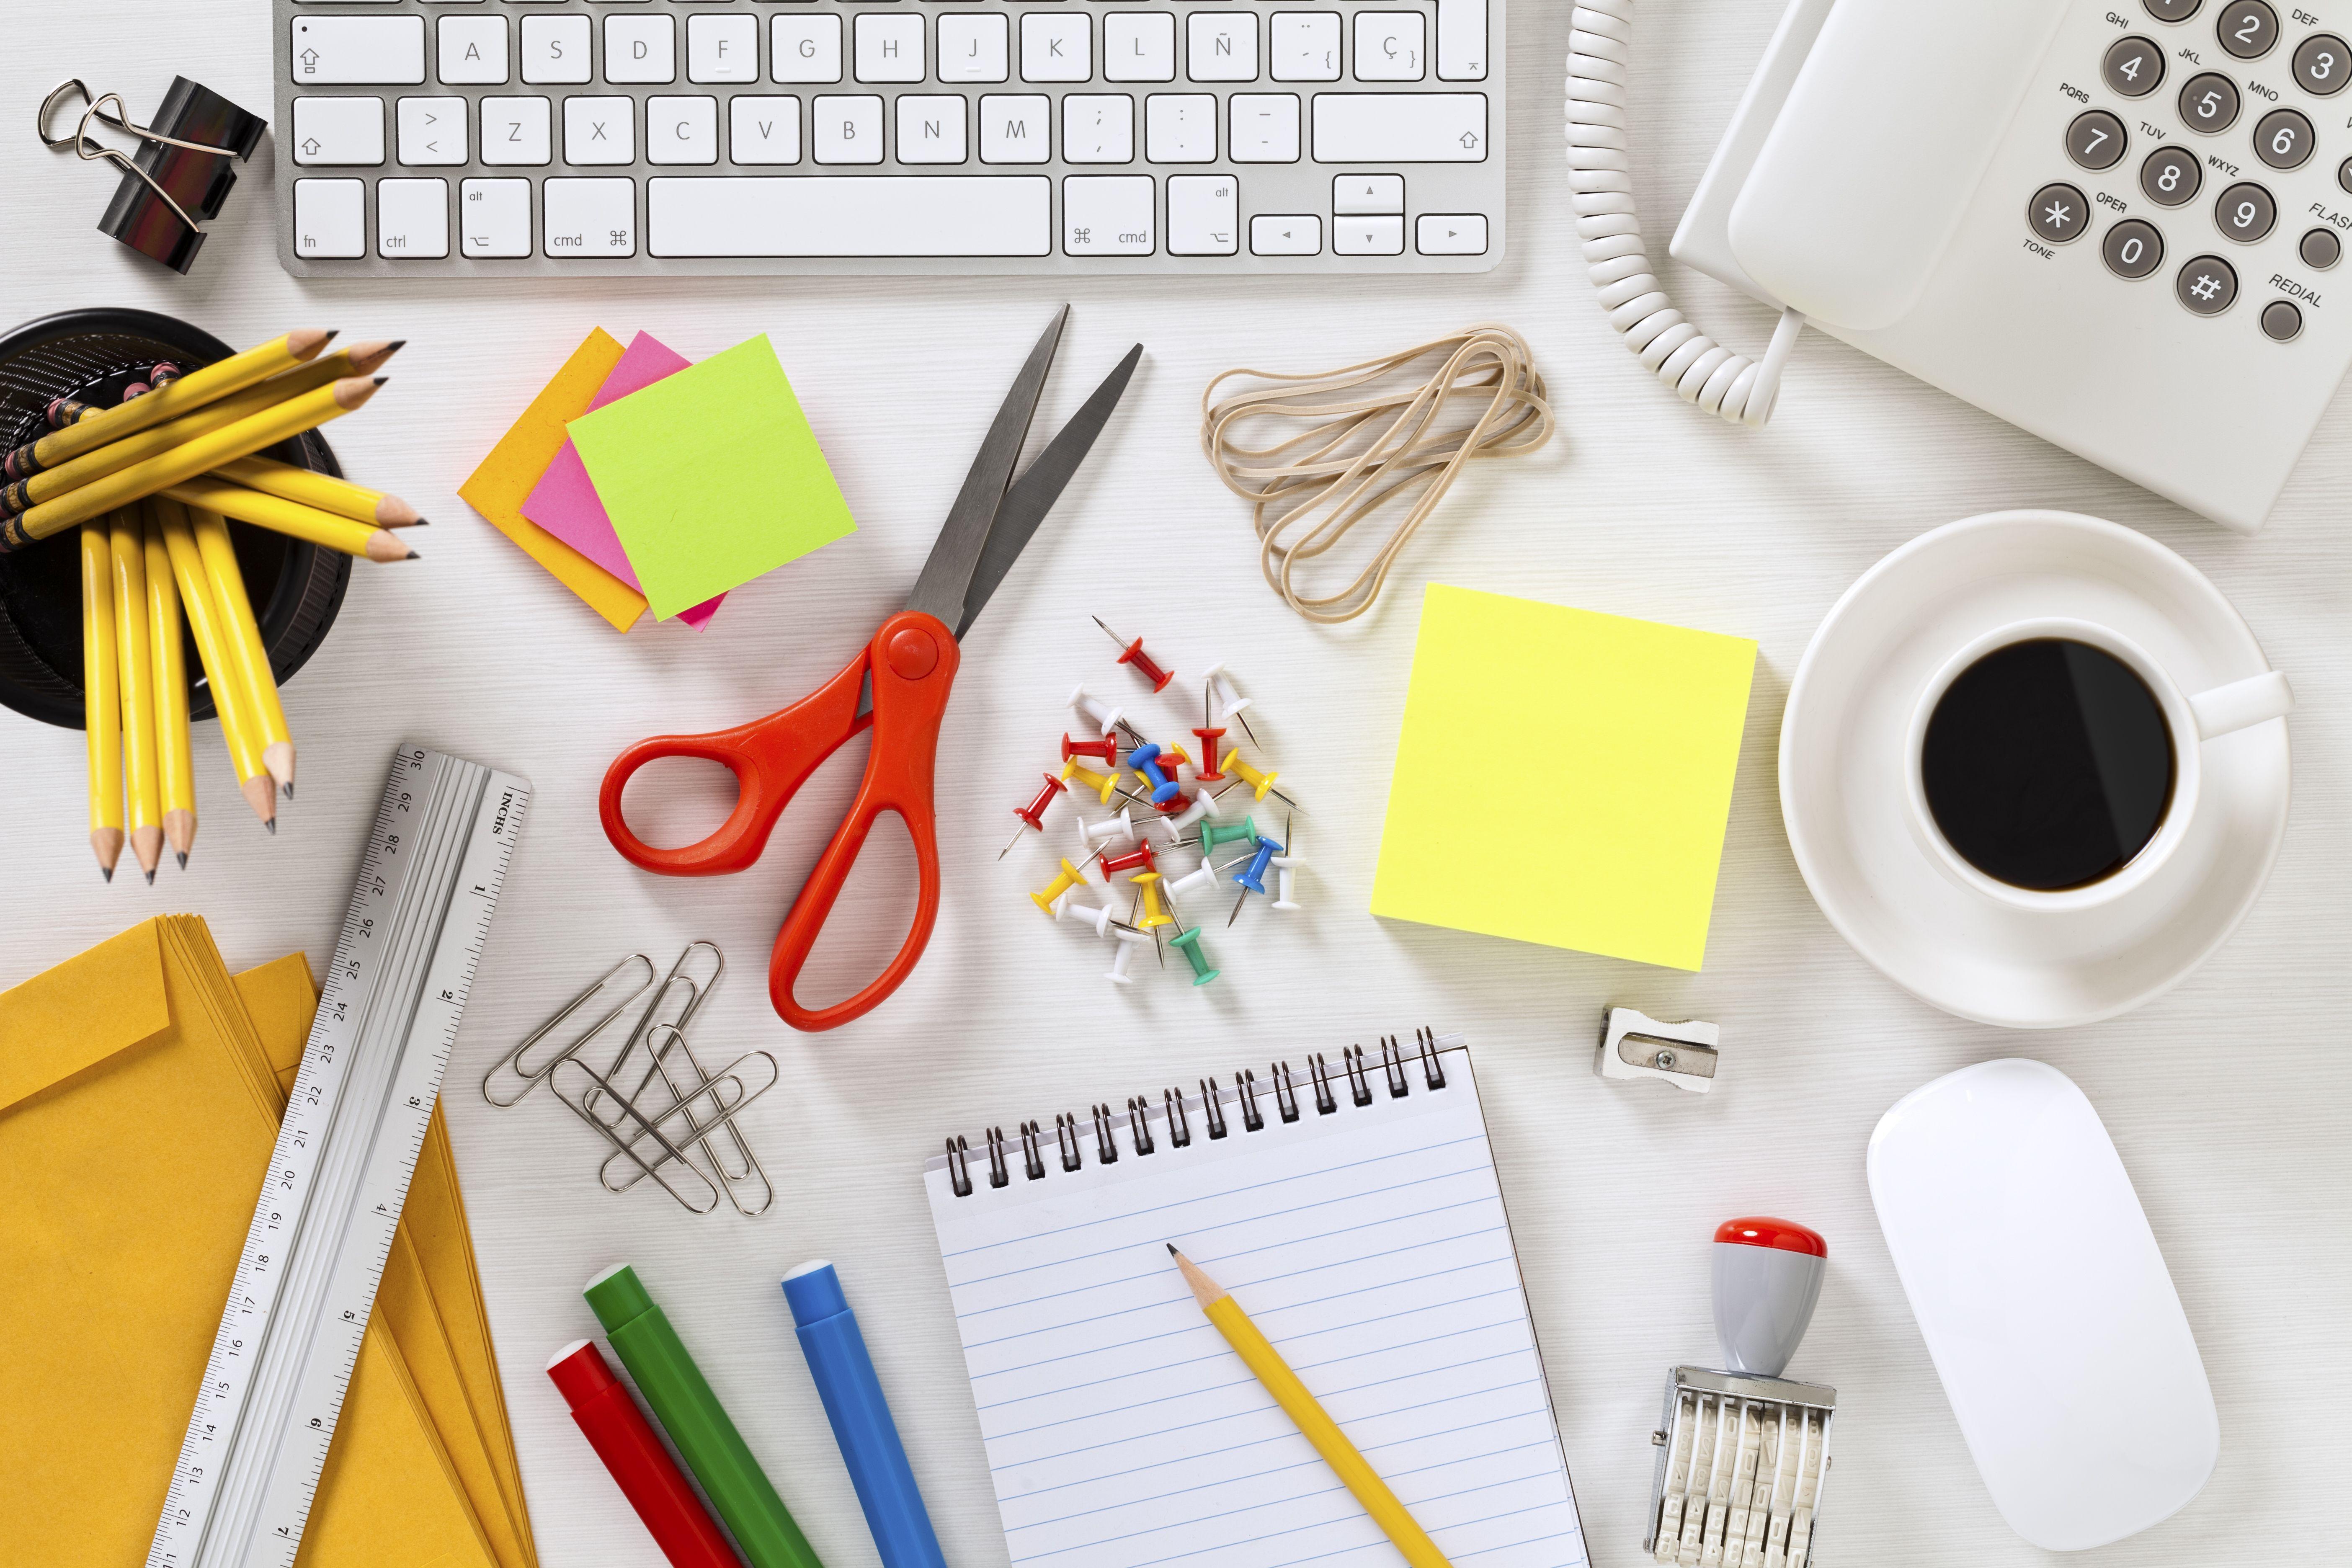 Material de oficina: Productos y servicios de Papelería - Librería Silva